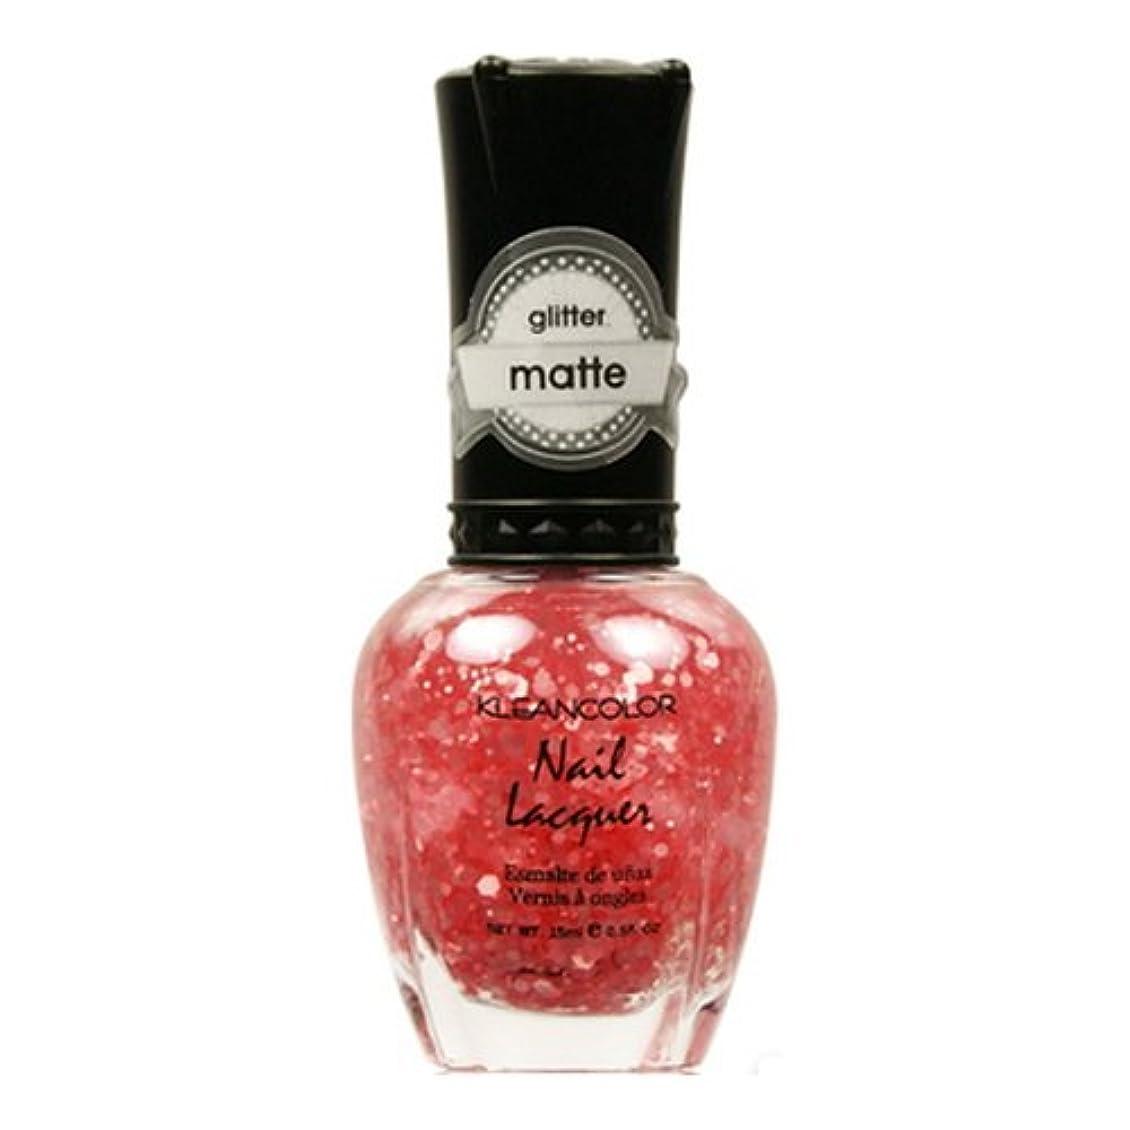 聖なる根絶する破滅的なKLEANCOLOR Glitter Matte Nail Lacquer - Blush Pink (並行輸入品)